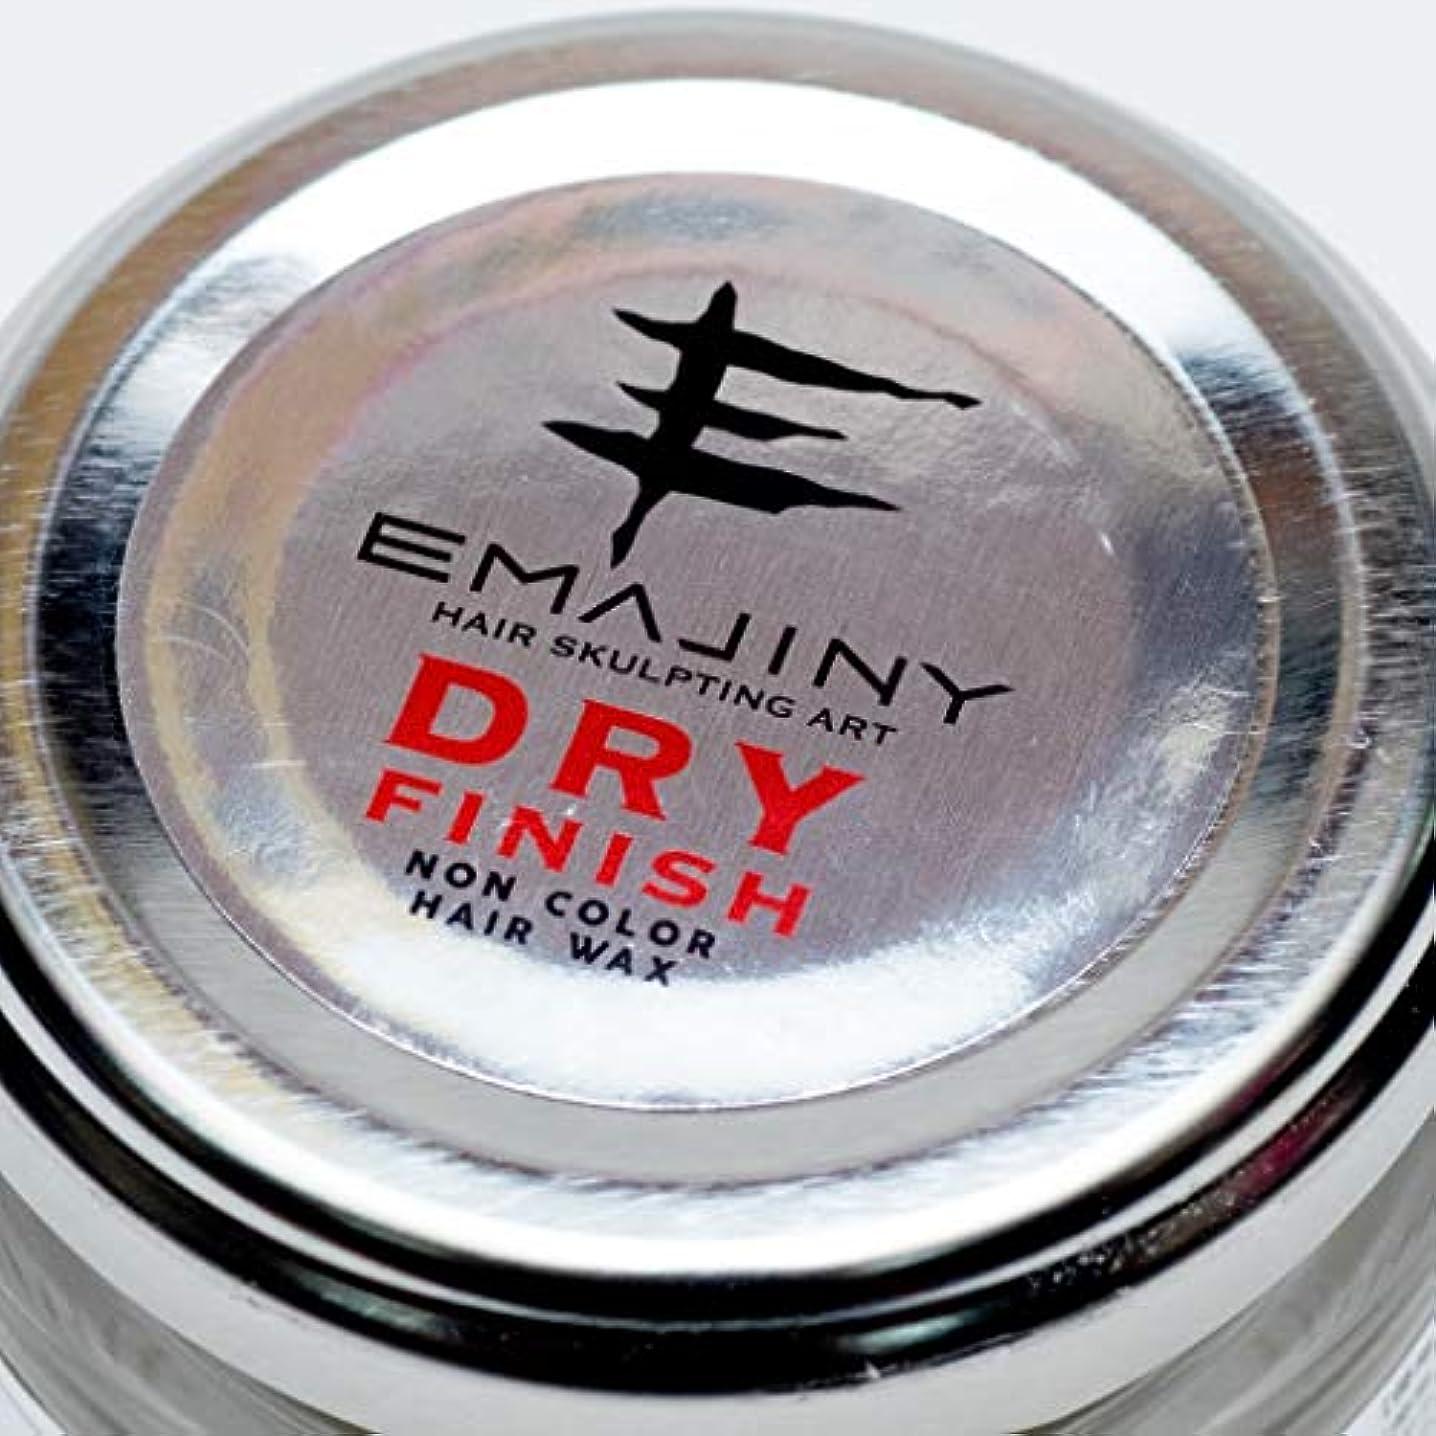 ショルダー予報明るくする【新発売キャンペーン30%OFF】EMAJINY ドライワックス DRY WAX 36g 【無香料】【日本製】